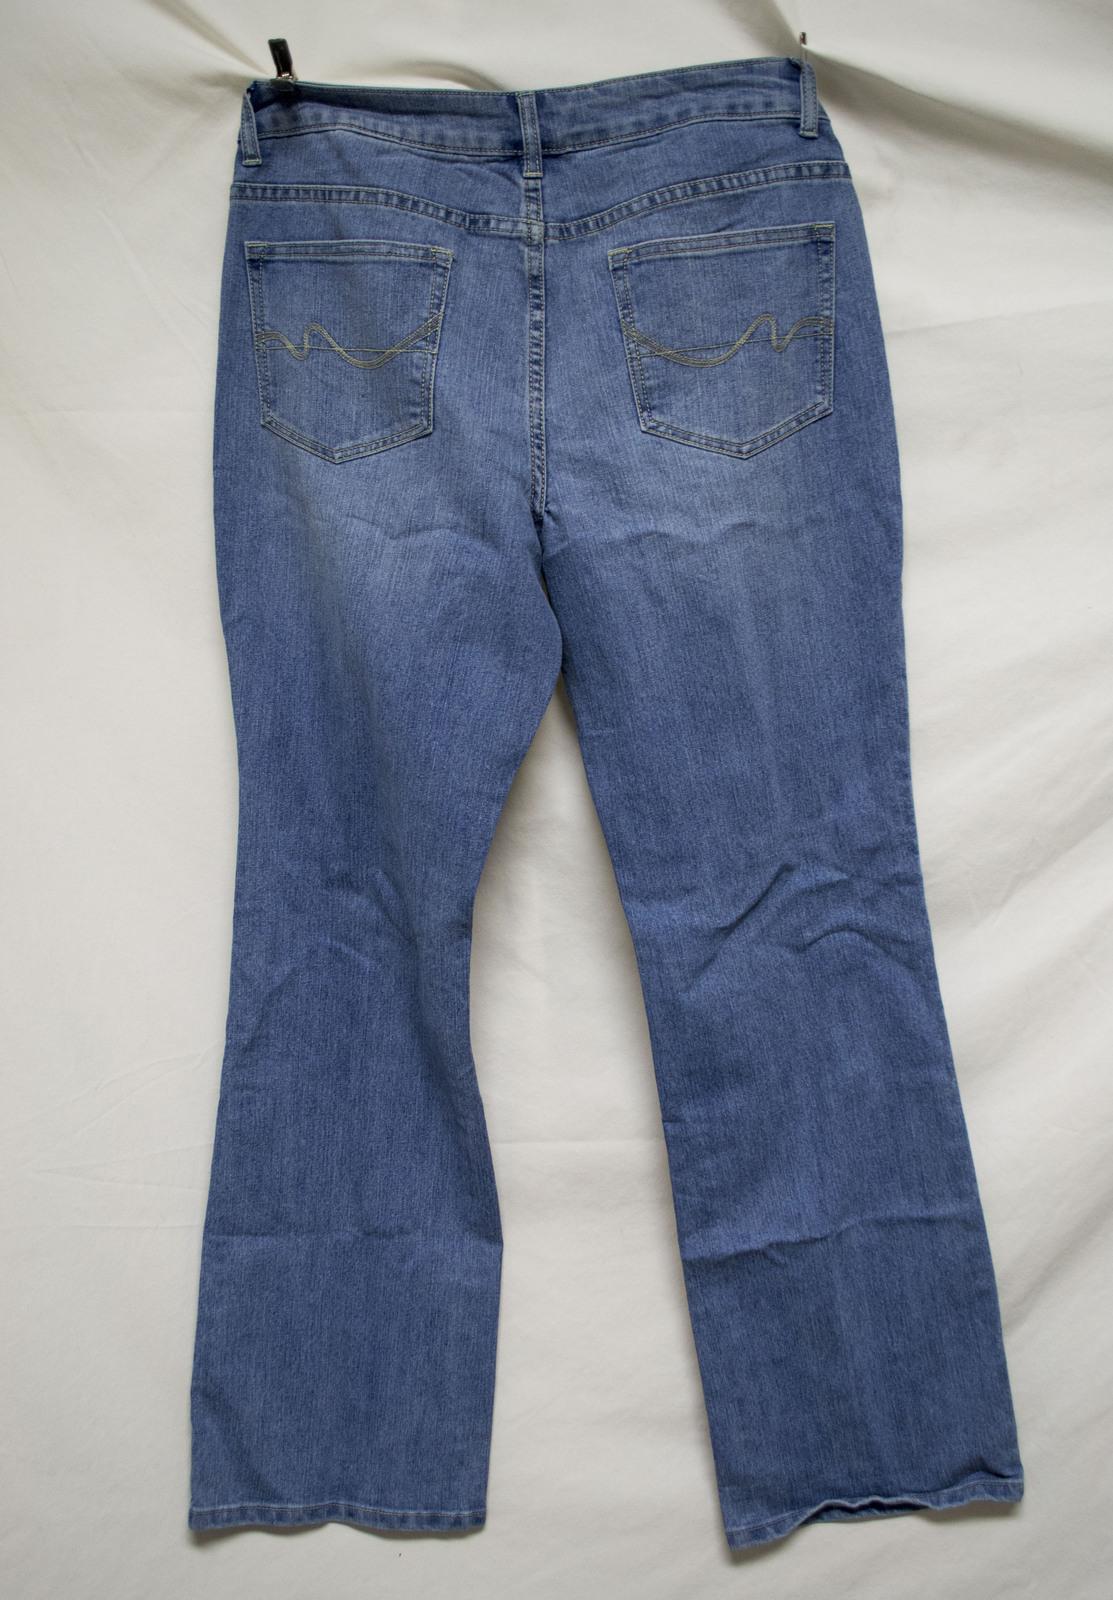 Lot of 2 Women's 12A Stretch Jeans Contour Waist Tummy Tuck Pants denim jeans